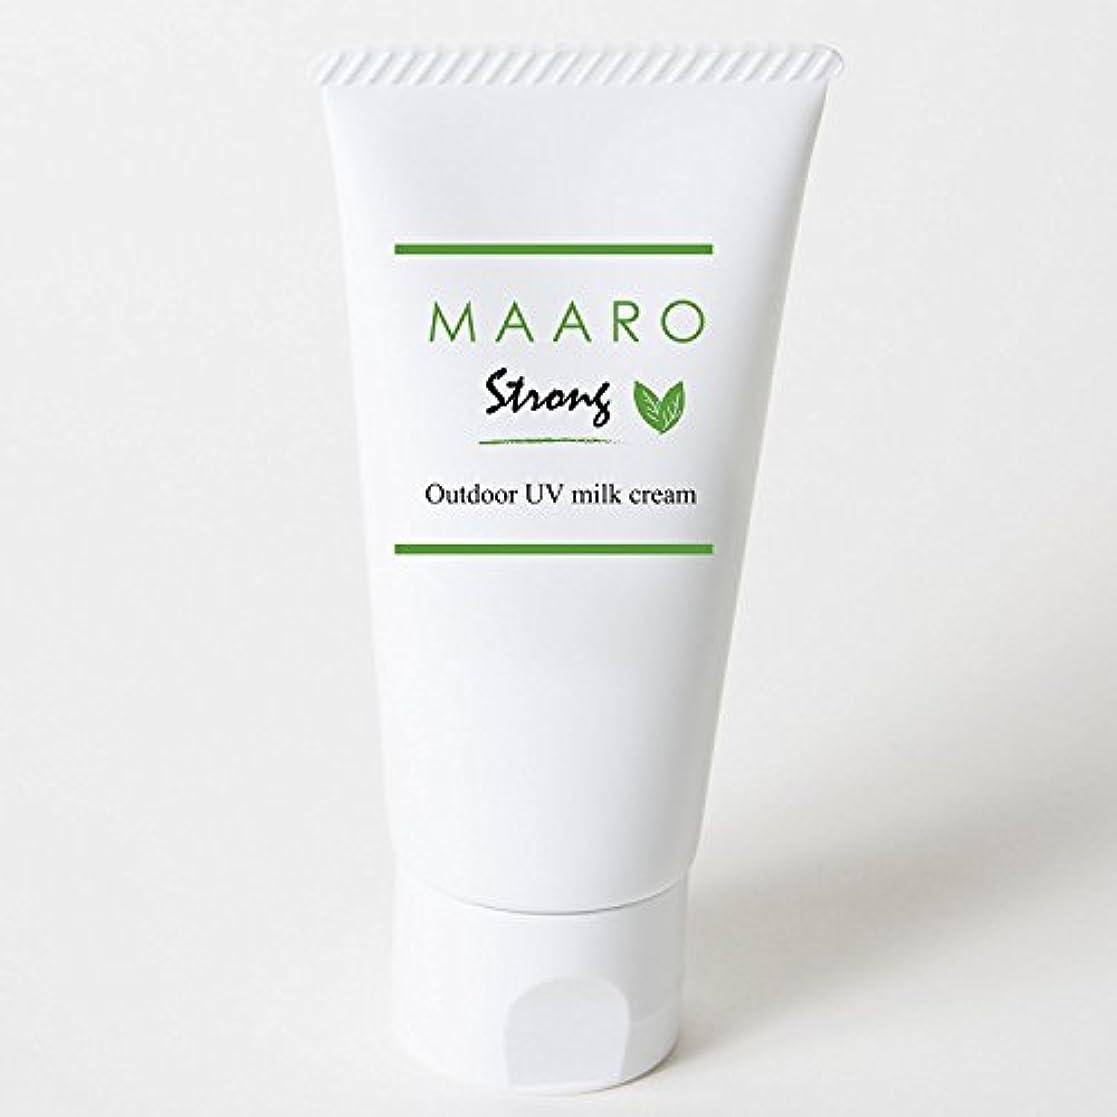 動詞忘れるペンダントMAARO Strong(マアロストロング)アロマミルククリーム SPF30、PA+++ 60ml